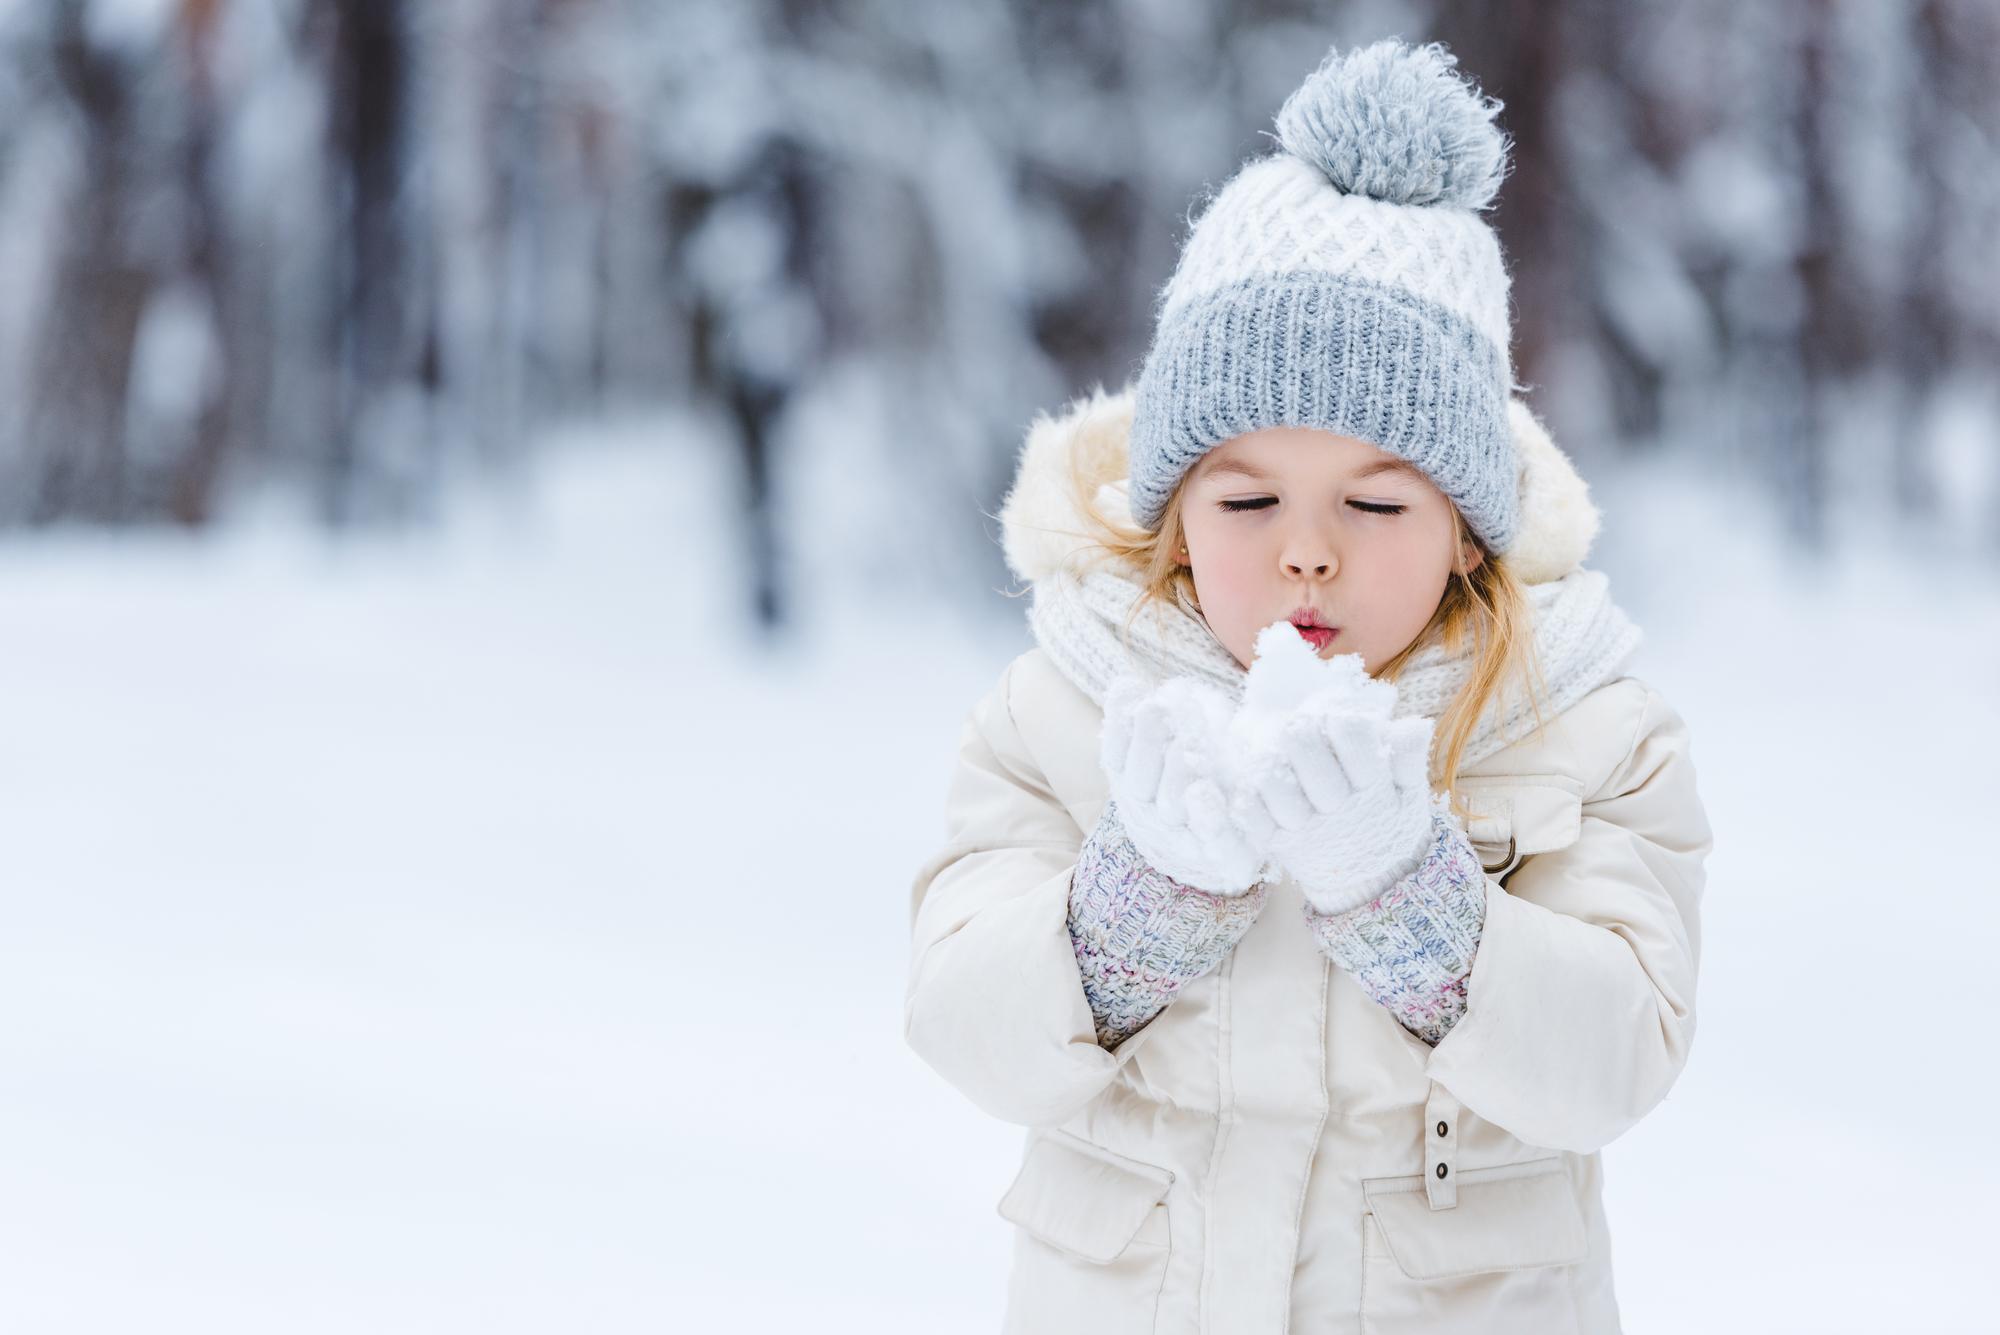 Погода в Украине зимой 2019-2020